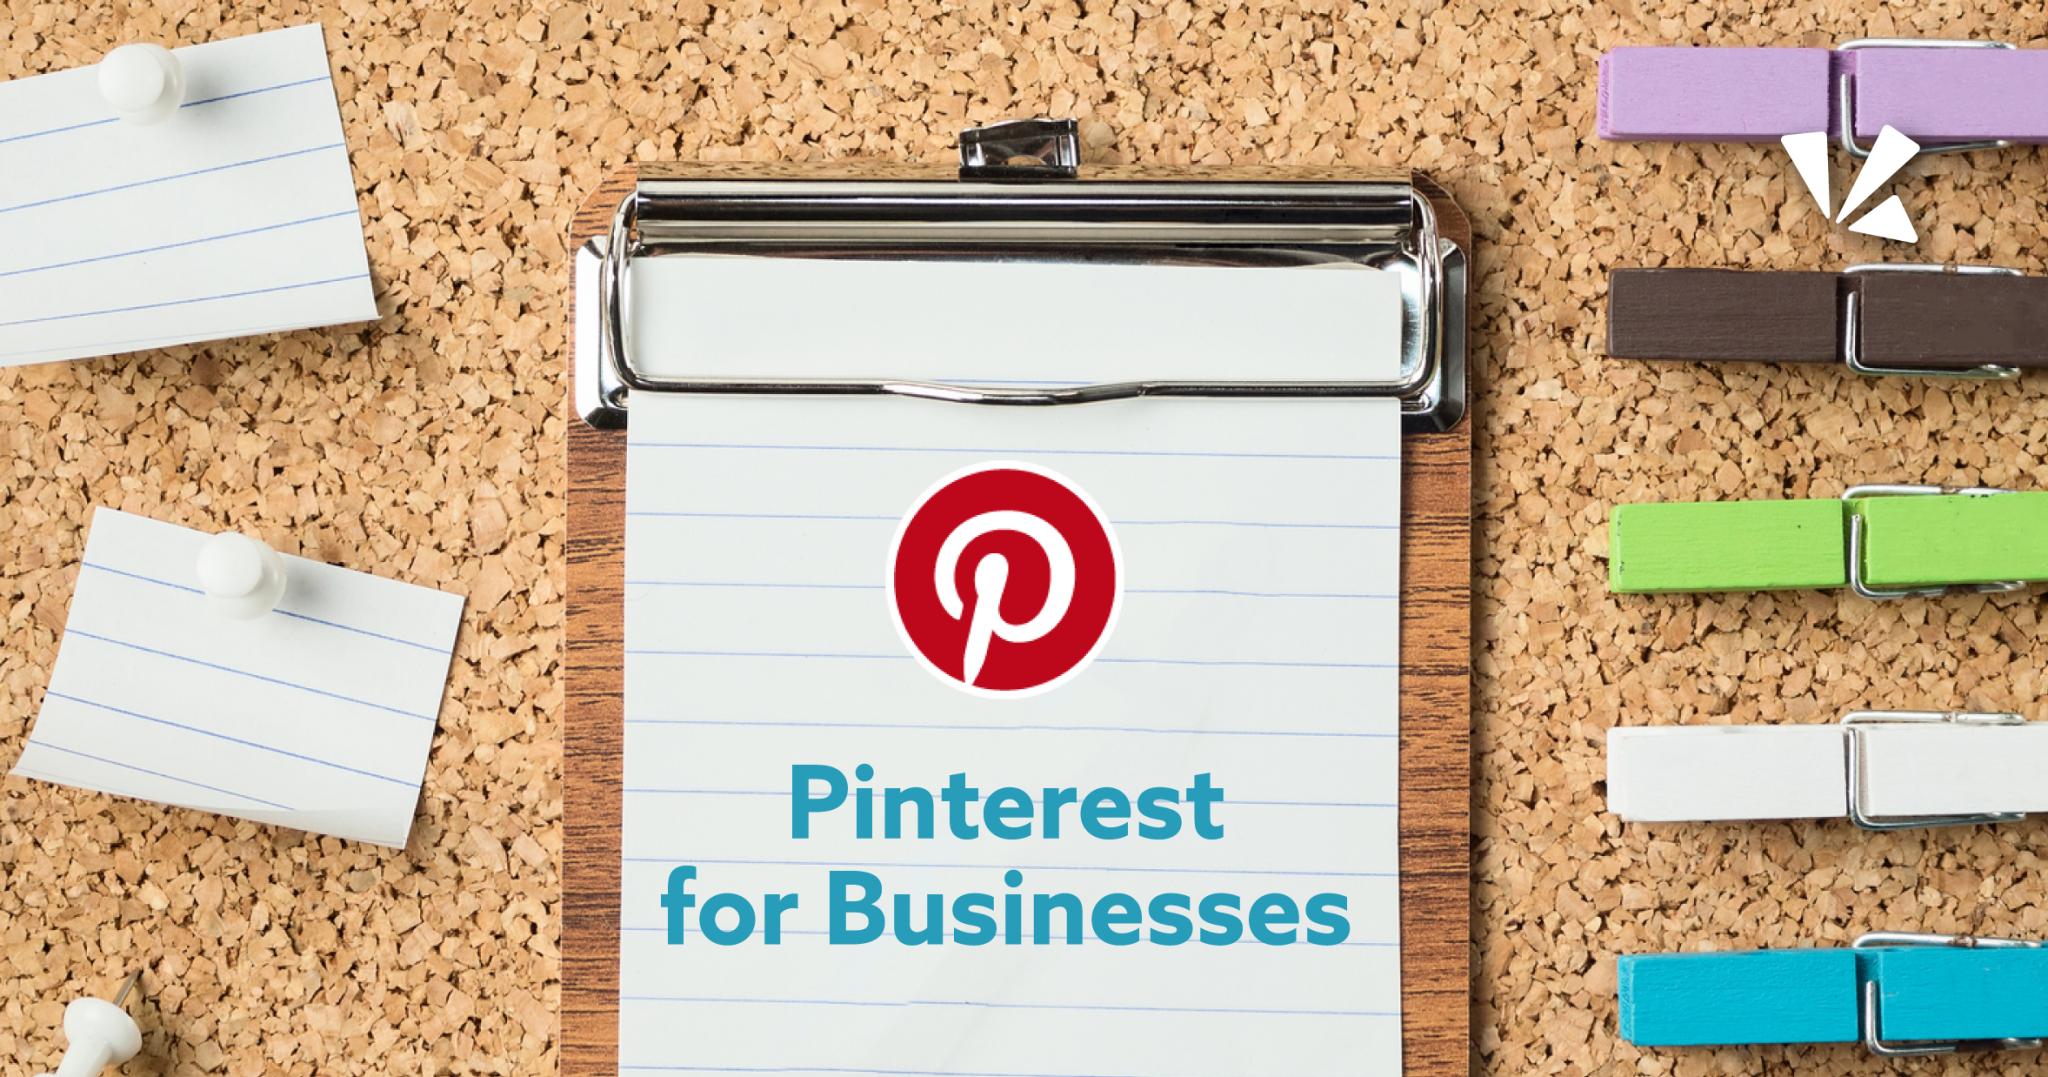 Pinterest for business blog header